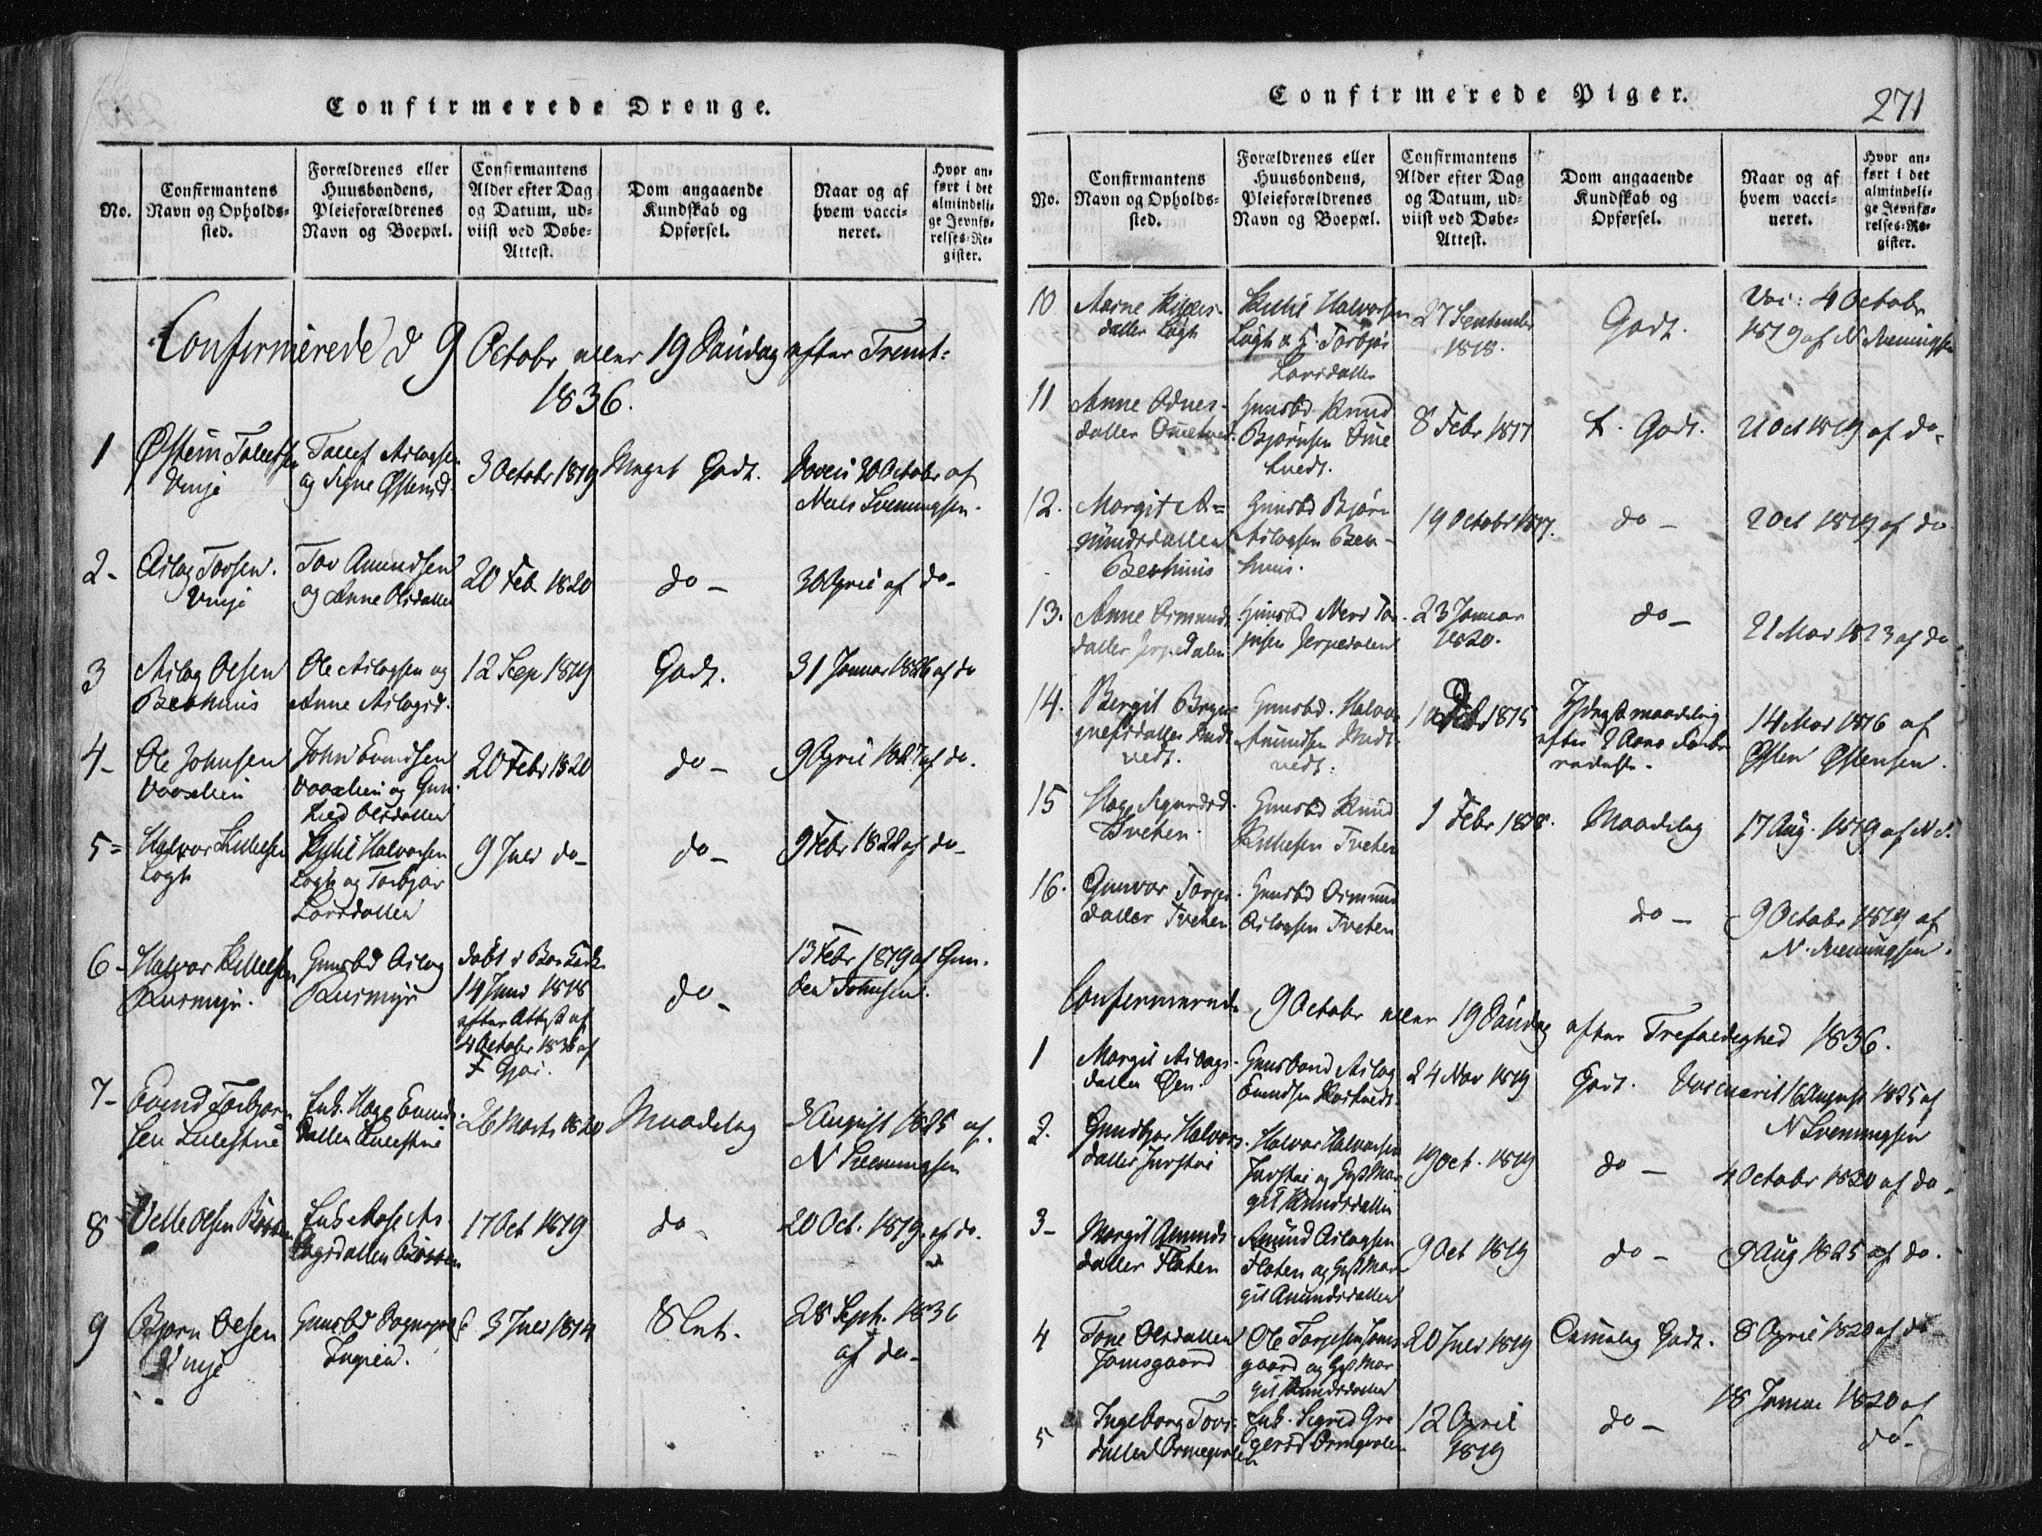 SAKO, Vinje kirkebøker, F/Fa/L0003: Ministerialbok nr. I 3, 1814-1843, s. 271